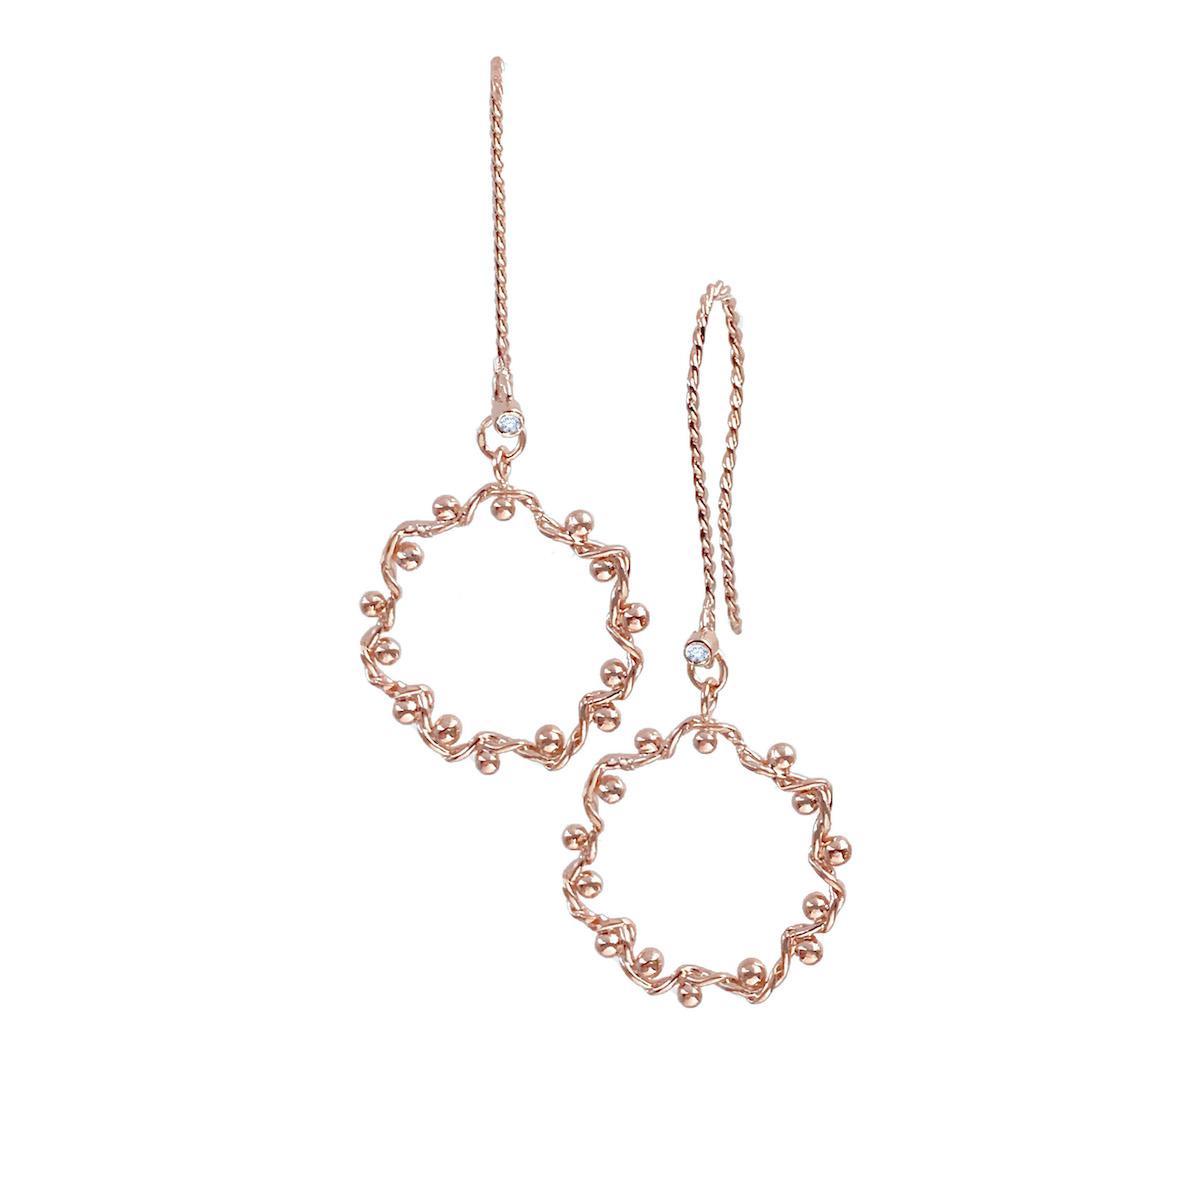 twist-wave-dangle-hoop-earrings-textured French-hook-14k-18k-jewelyrie_6869RG